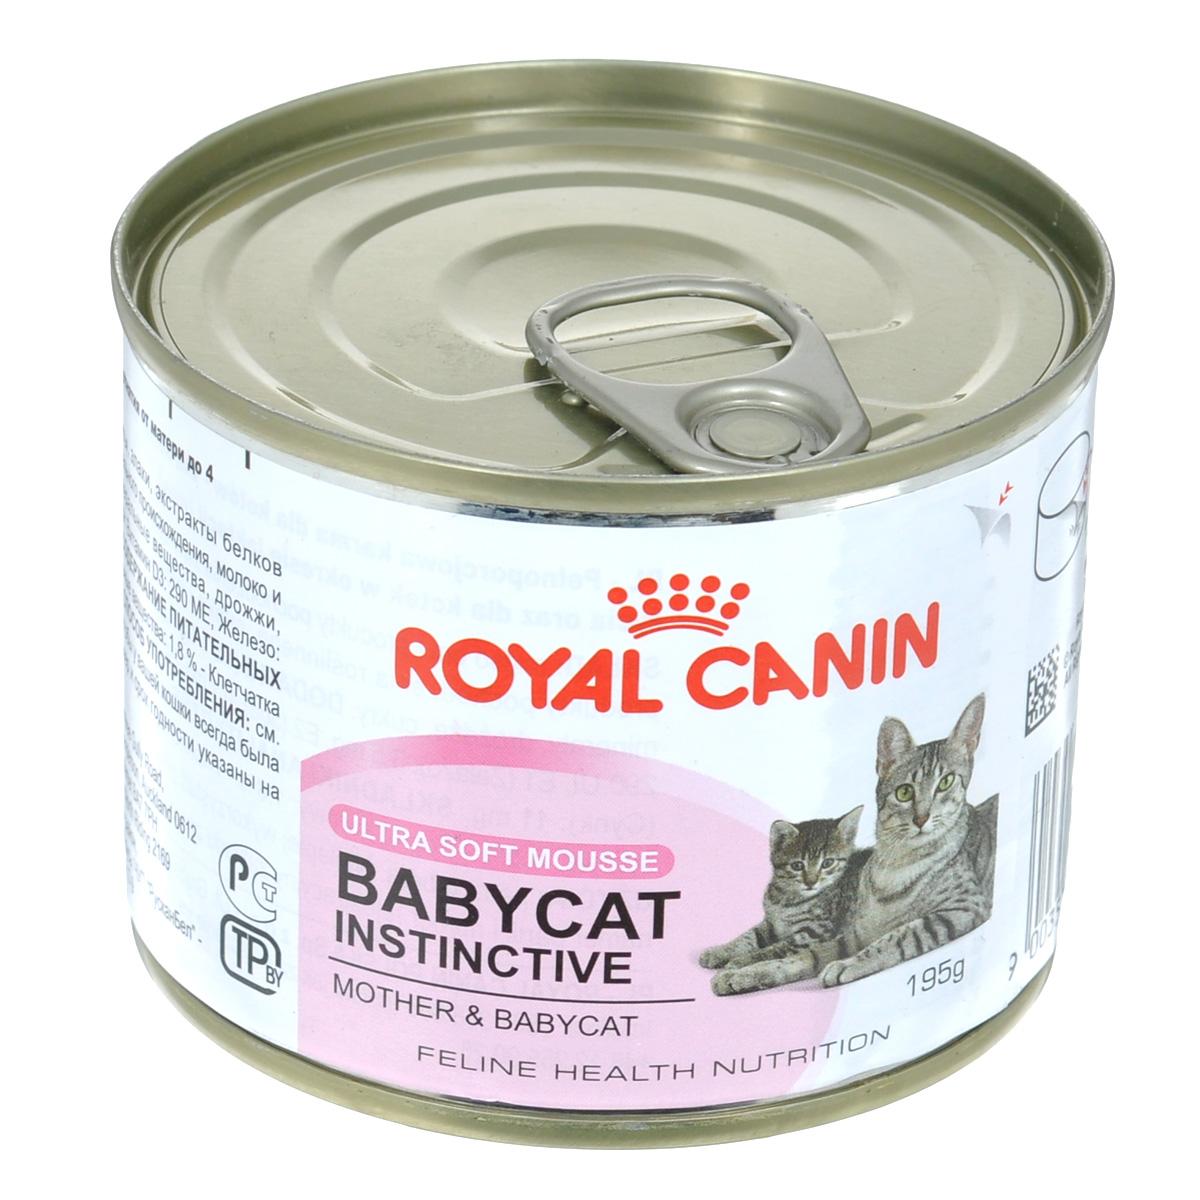 Консервы Royal Canin Babycat Instinctive, для котят с рождения до 4 месяцев, паштет, 195 г480002Консервы Royal Canin Babycat Instinctive - полноценное сбалансированное питание для котят с рождения до 4 месяцев. Принципиально важный период в жизни котенка: - Переход от материнского молока к твердой пище должен проводиться осторожно, чтобы избежать расстройства пищеварения. - У котят прорезаются молочные зубы и начинают развиваться жизненно важные функции организма. - Котята предпочитают особую формулу Macro Nutritional Profile. - С 4 до 12 недель иммунитет котенка, полученный с молоком матери, постепенно ослабевает, и начинает развиваться собственная иммунная система. 1-я фаза роста: легкий старт. Уникальная текстура мусса Babycat Instinctive, идеально адаптированная для котят 1-й фазы роста, облегчает переход от материнского молока к твердой пище. Инстинктивное предпочтение. Корм Babycat Instinctive имеет особый состав, соответствующий оптимальной формуле Macro Nutritional Profile, инстинктивно предпочитаемой котятами...